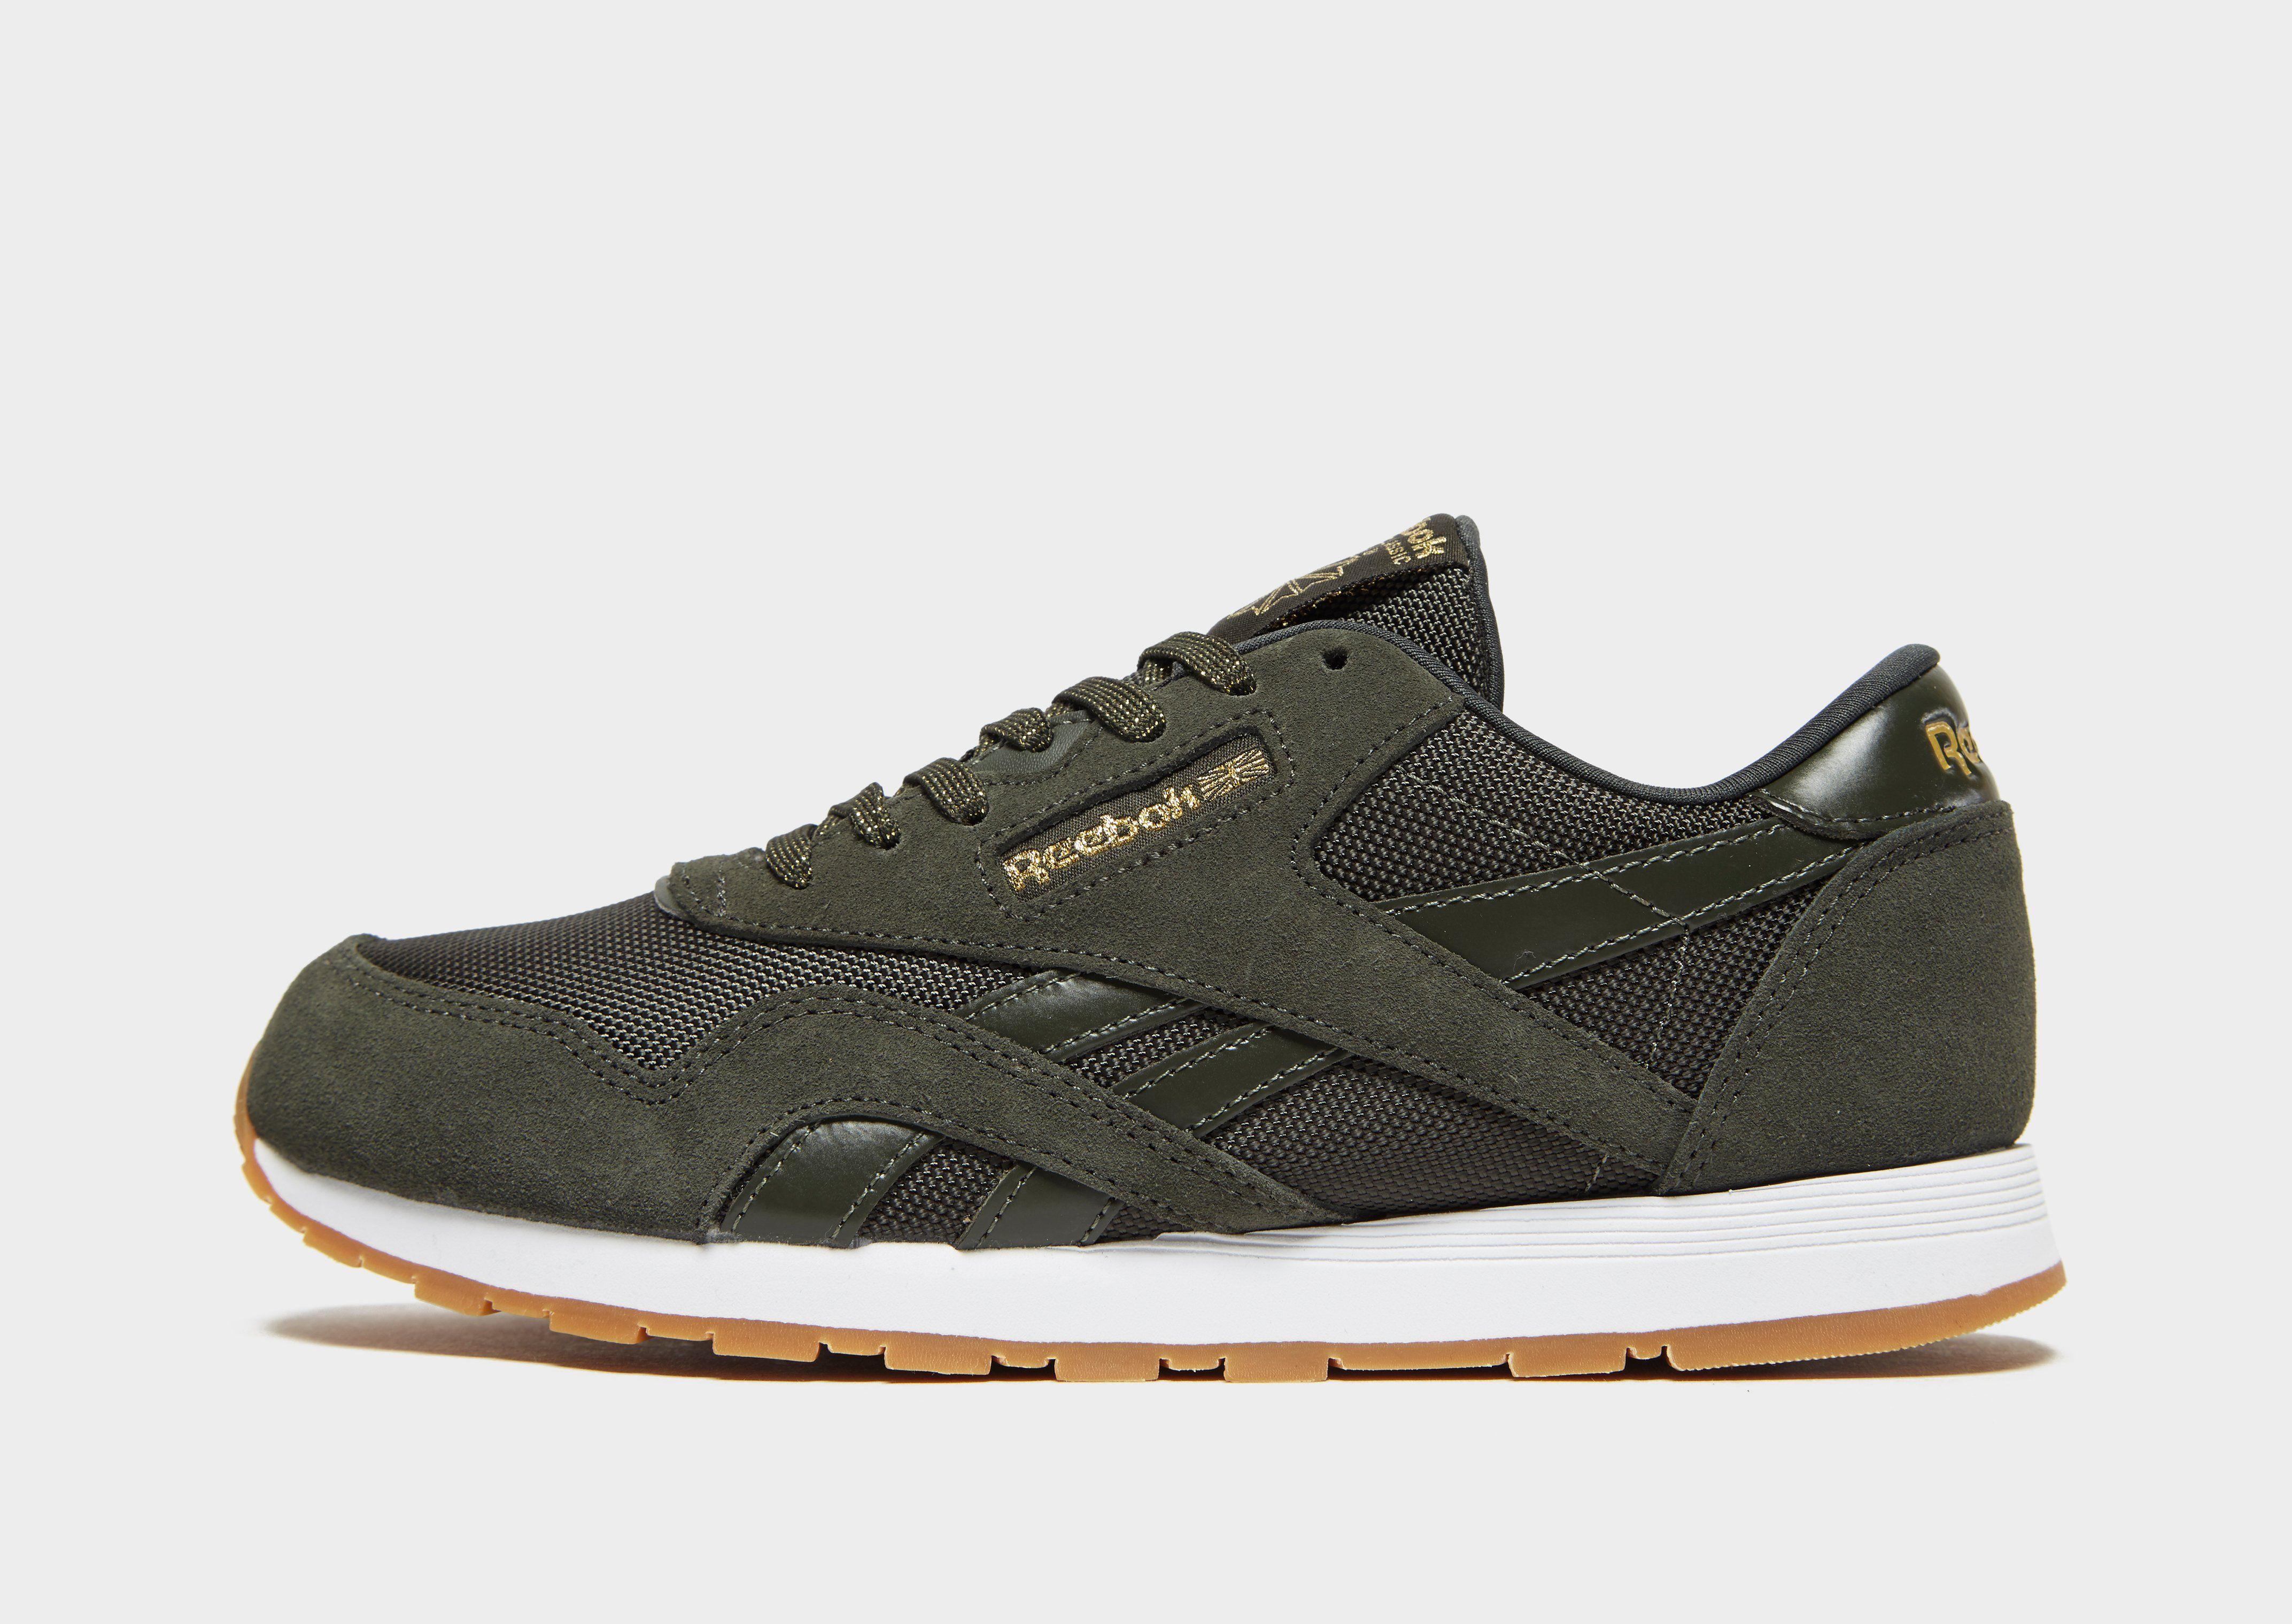 695470bc459 Reebok Classic Leather Junior